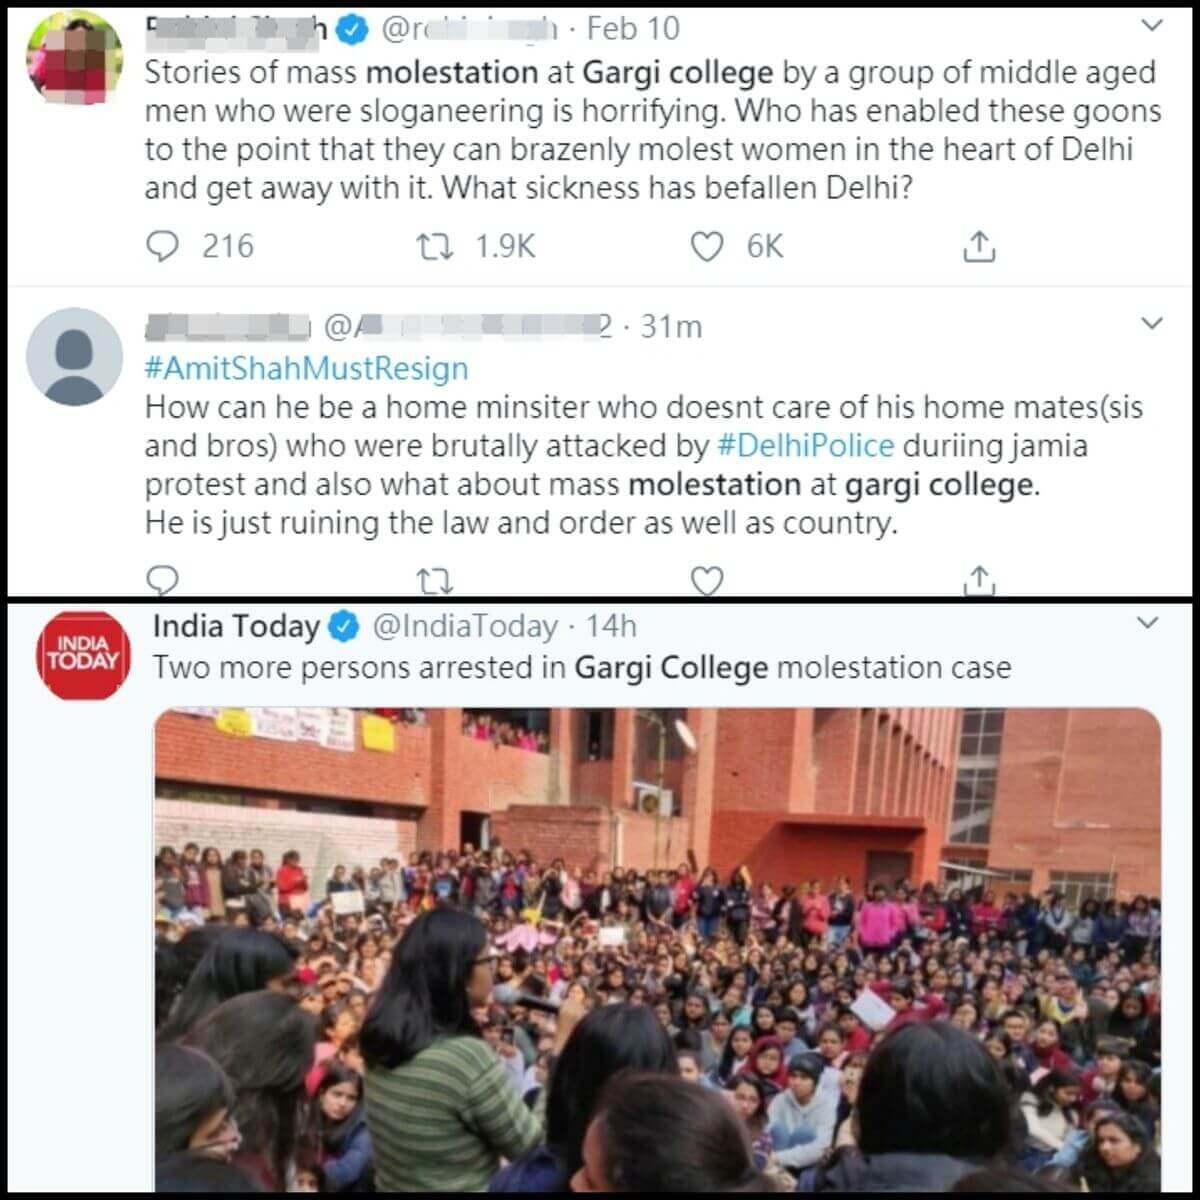 印度千人進攻校園性侵女學生,到底是真的假的?